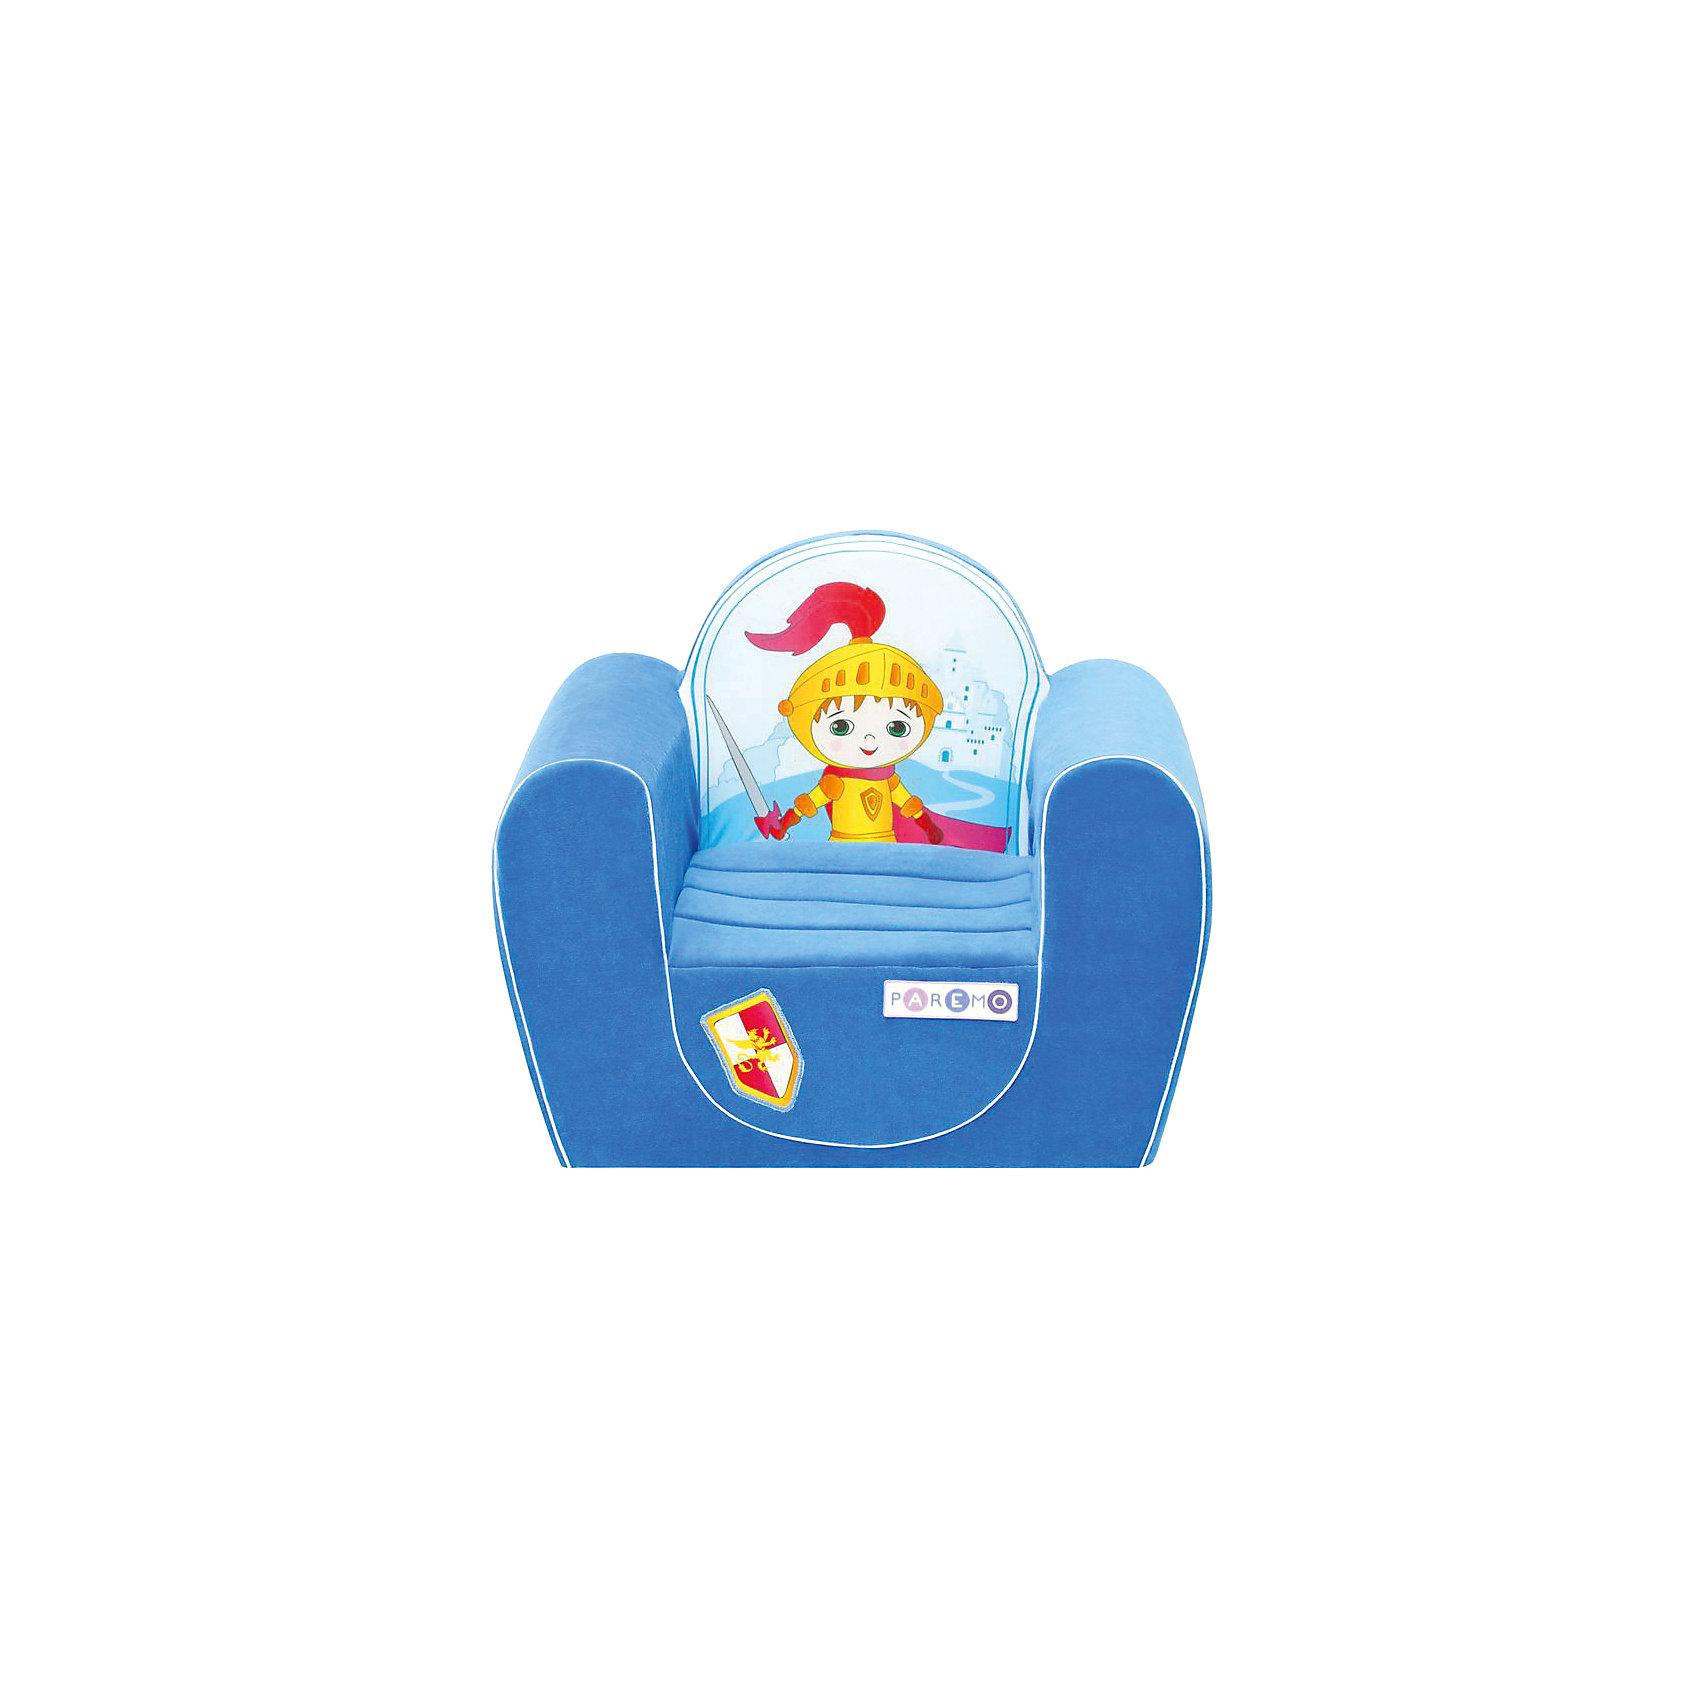 Детское игровое кресло Рыцарь, голубой, PAREMOДетское игровое кресло Рыцарь, голубой, PAREMO (ПАРЕМО).<br><br>Характеристики:<br><br>• Размер: 54х45х38 см.<br>• Вес: 3 кг.<br>• Высота от пола до сидения: 18 см.<br>• Размер сидения: 28х26 см.<br>• Материал чехла: велюр, текстиль<br>• Наполнитель: пенополиуретан<br>• Цвет: голубой<br>• Упаковка: пакет<br><br>Яркое детское игровое кресло «Рыцарь» с изображением храброго рыцаря создано для мальчиков в возрасте от года до четырех лет. Оно имеет бескаркасную, абсолютно безопасную конструкцию. Острые углы отсутствуют. Мягкое и эргономичное сидение принимает нужную форму под весом ребенка, что делает кресло максимально комфортным. Высота от пола до сидения составляет 18 см, поэтому даже самым маленьким будет удобно садиться в кресло. <br><br>Мягкий чехол приятен на ощупь. Он легко снимается и при необходимости стирается в режиме деликатной стирки при температуре до 30 градусов. Кресло идеально впишется в любой уголок детской комнаты. Оно создаст дополнительное место для игр и станет удобным, укромным местечком, где ваш малыш сможет отдохнуть. Сделано в России!<br><br>Детское игровое кресло Рыцарь, голубое, PAREMO (ПАРЕМО) можно купить в нашем интернет-магазине.<br><br>Ширина мм: 540<br>Глубина мм: 450<br>Высота мм: 380<br>Вес г: 3000<br>Возраст от месяцев: 12<br>Возраст до месяцев: 120<br>Пол: Мужской<br>Возраст: Детский<br>SKU: 5482290